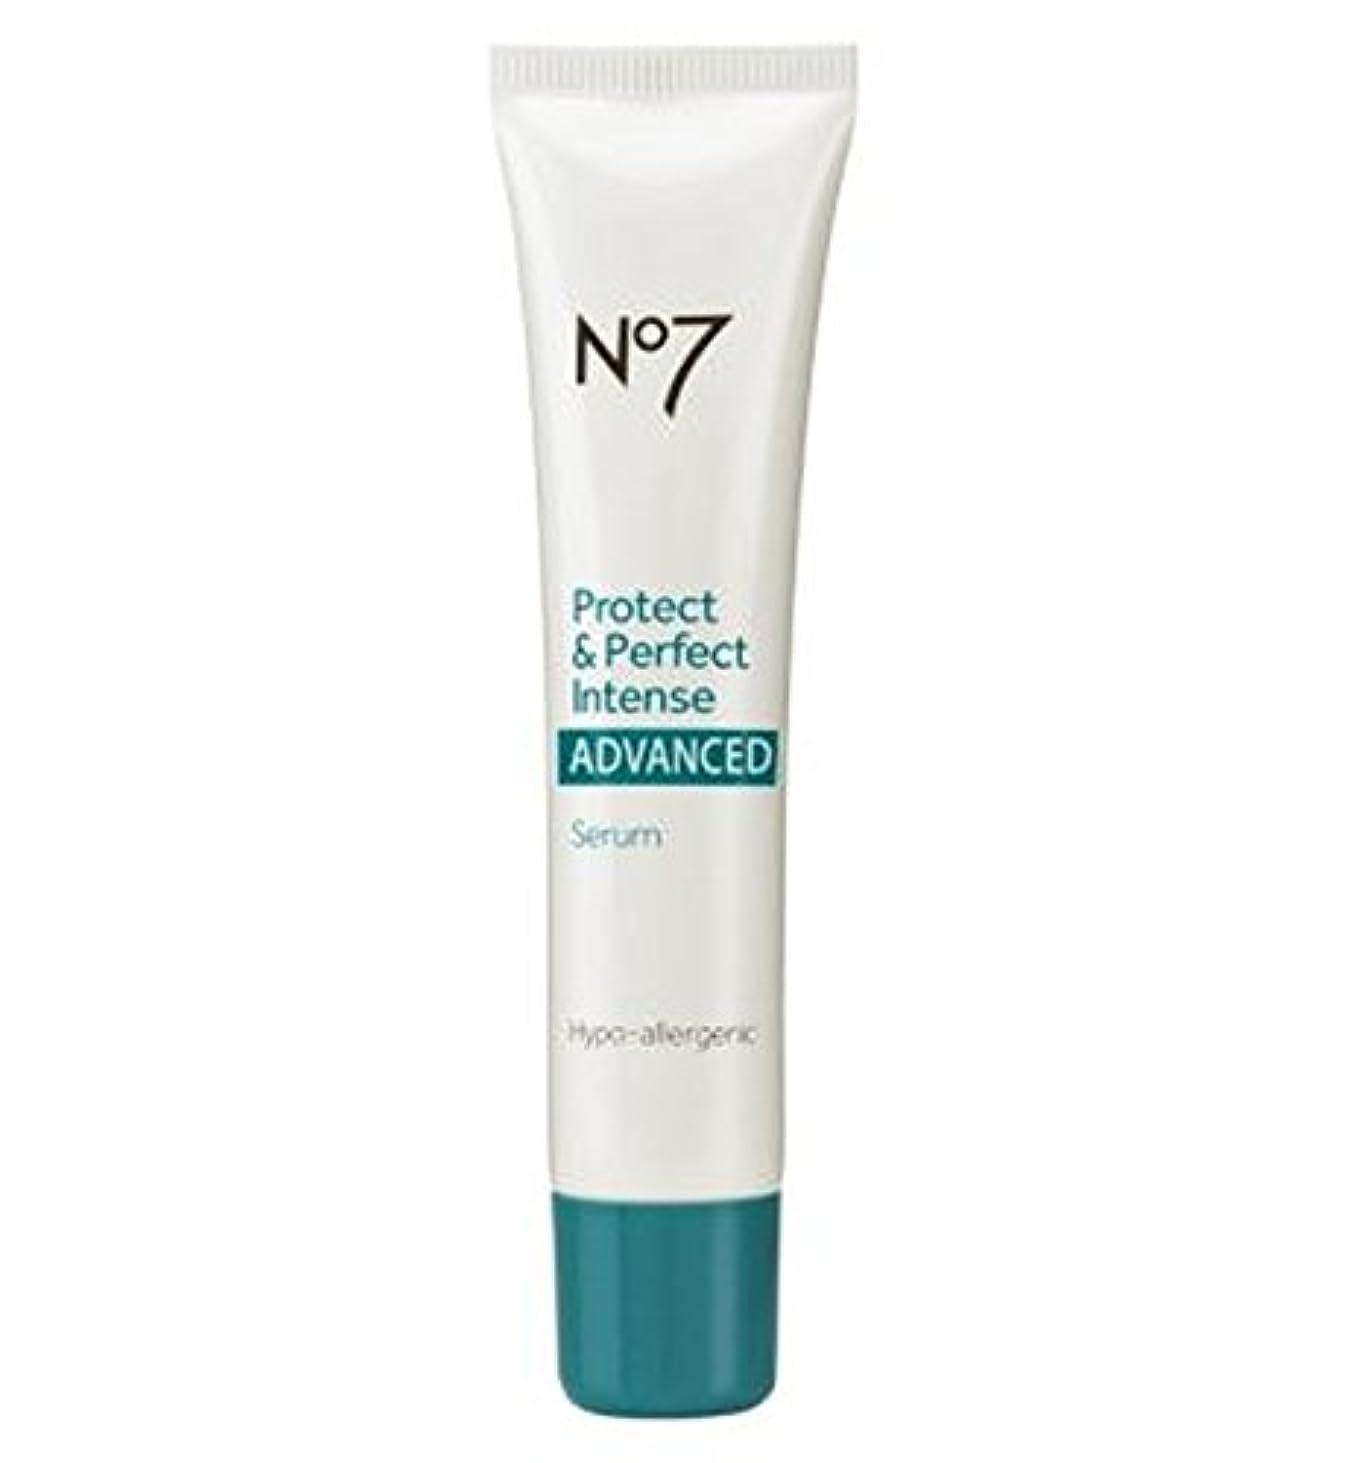 おかしい論争的遺体安置所No7保護&完璧な強烈な高度な血清30ミリリットル (No7) (x2) - No7 Protect & Perfect Intense ADVANCED Serum 30ml (Pack of 2) [並行輸入品]